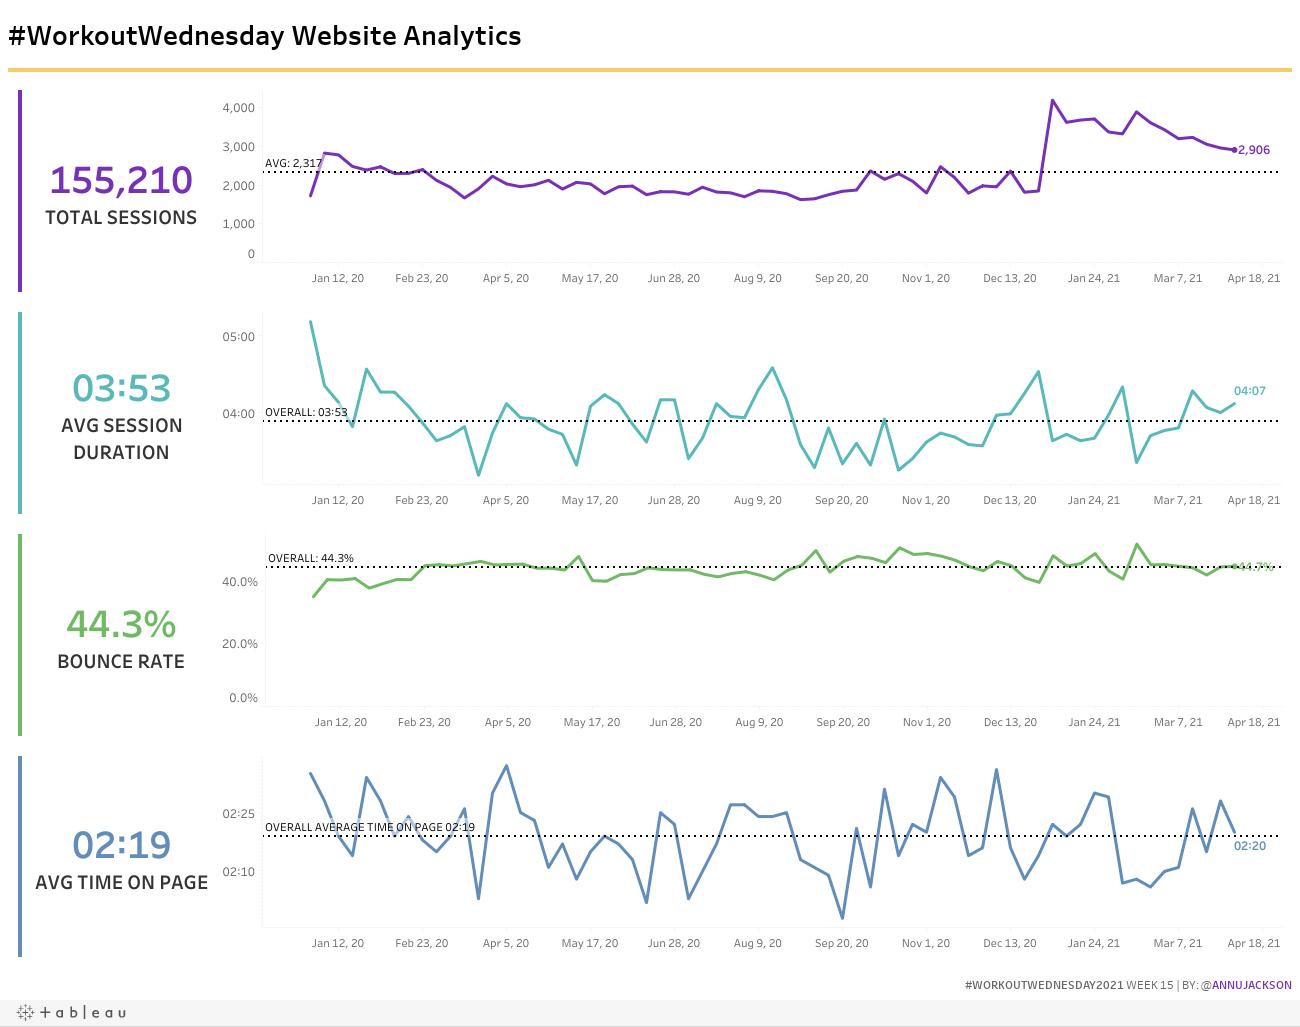 #WorkoutWednesday2021 Week 15 | Website Analytics